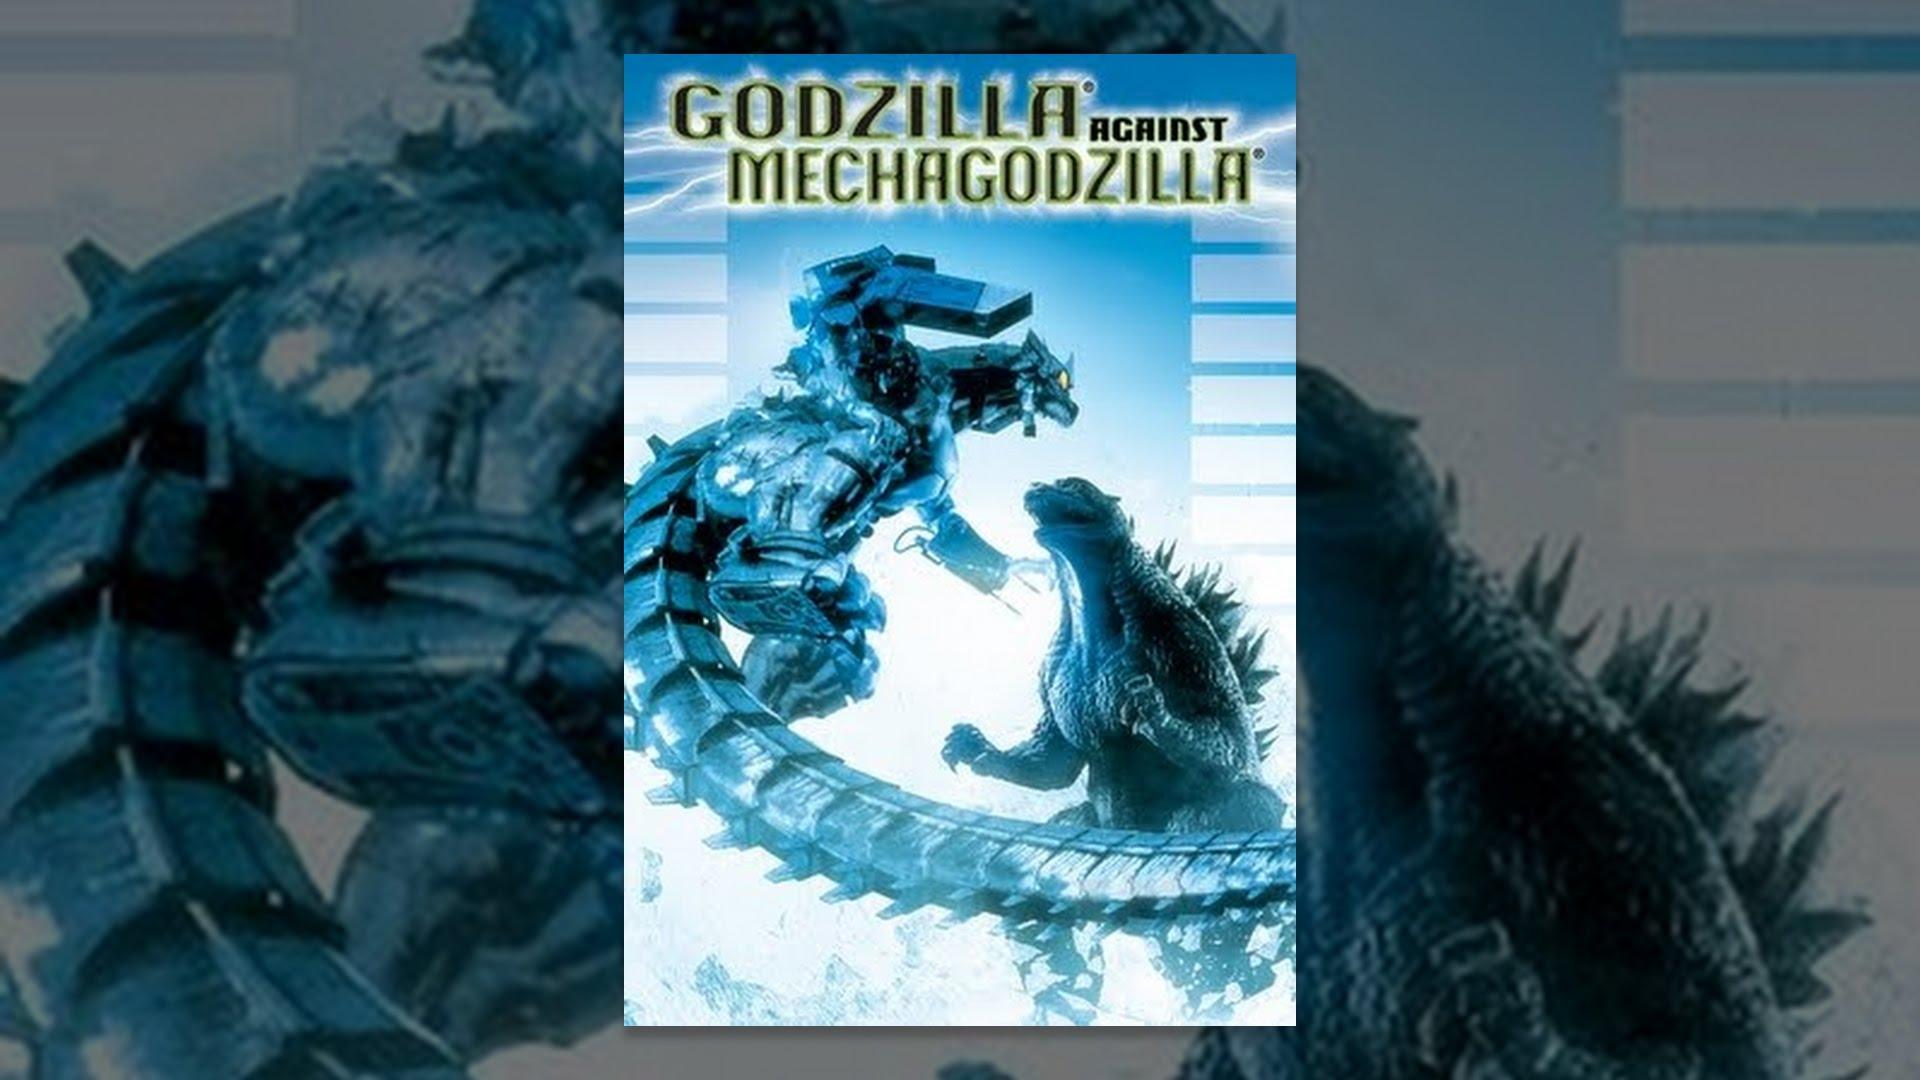 Mechagodzilla 2012 Godzilla Agains...